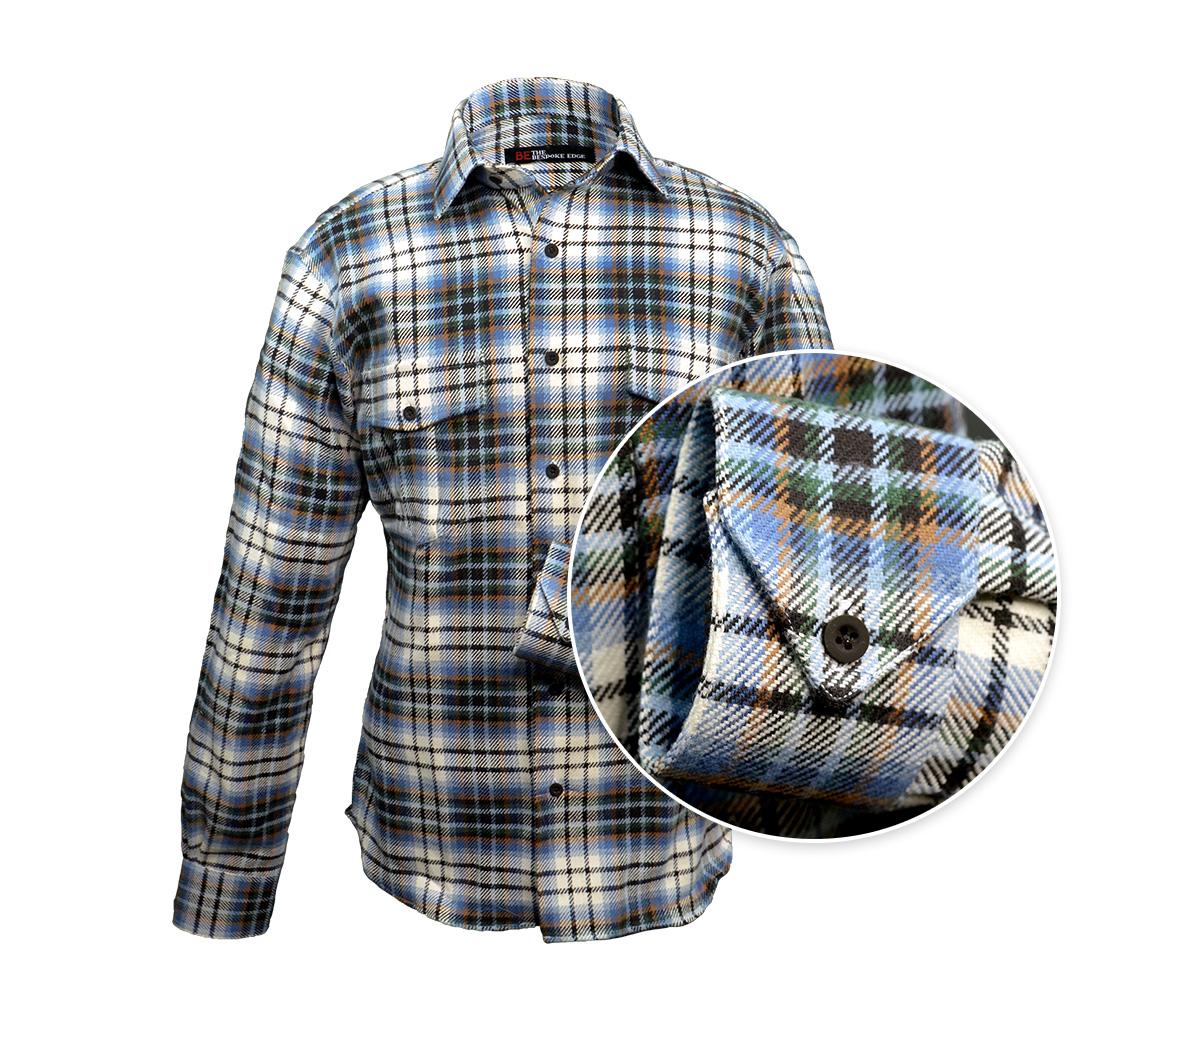 Slate River check flannel